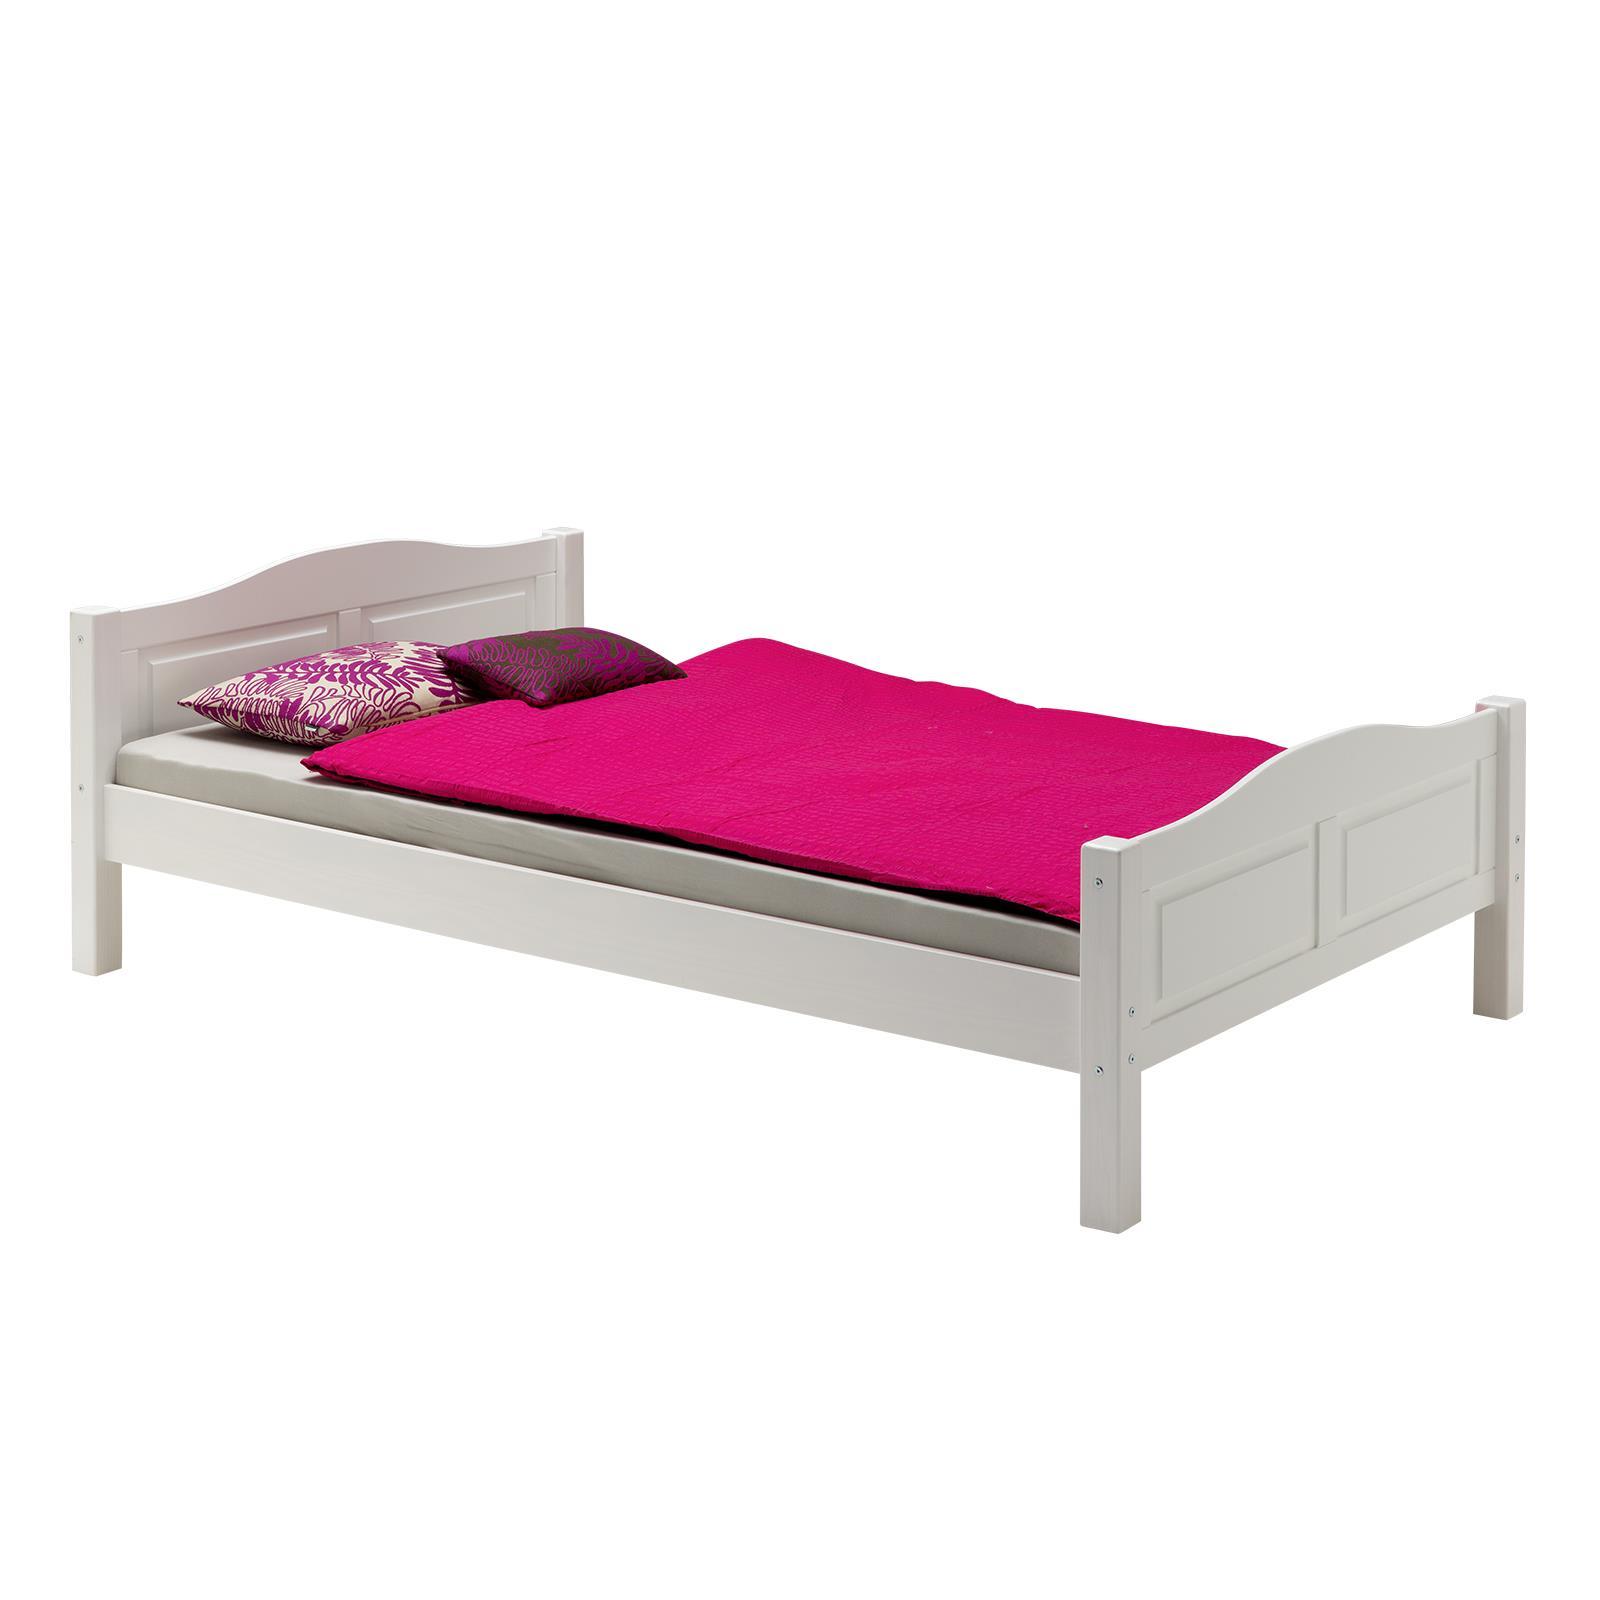 Bett Landhausbett HENRIK, 100x200 cm weiß günstig online kaufen